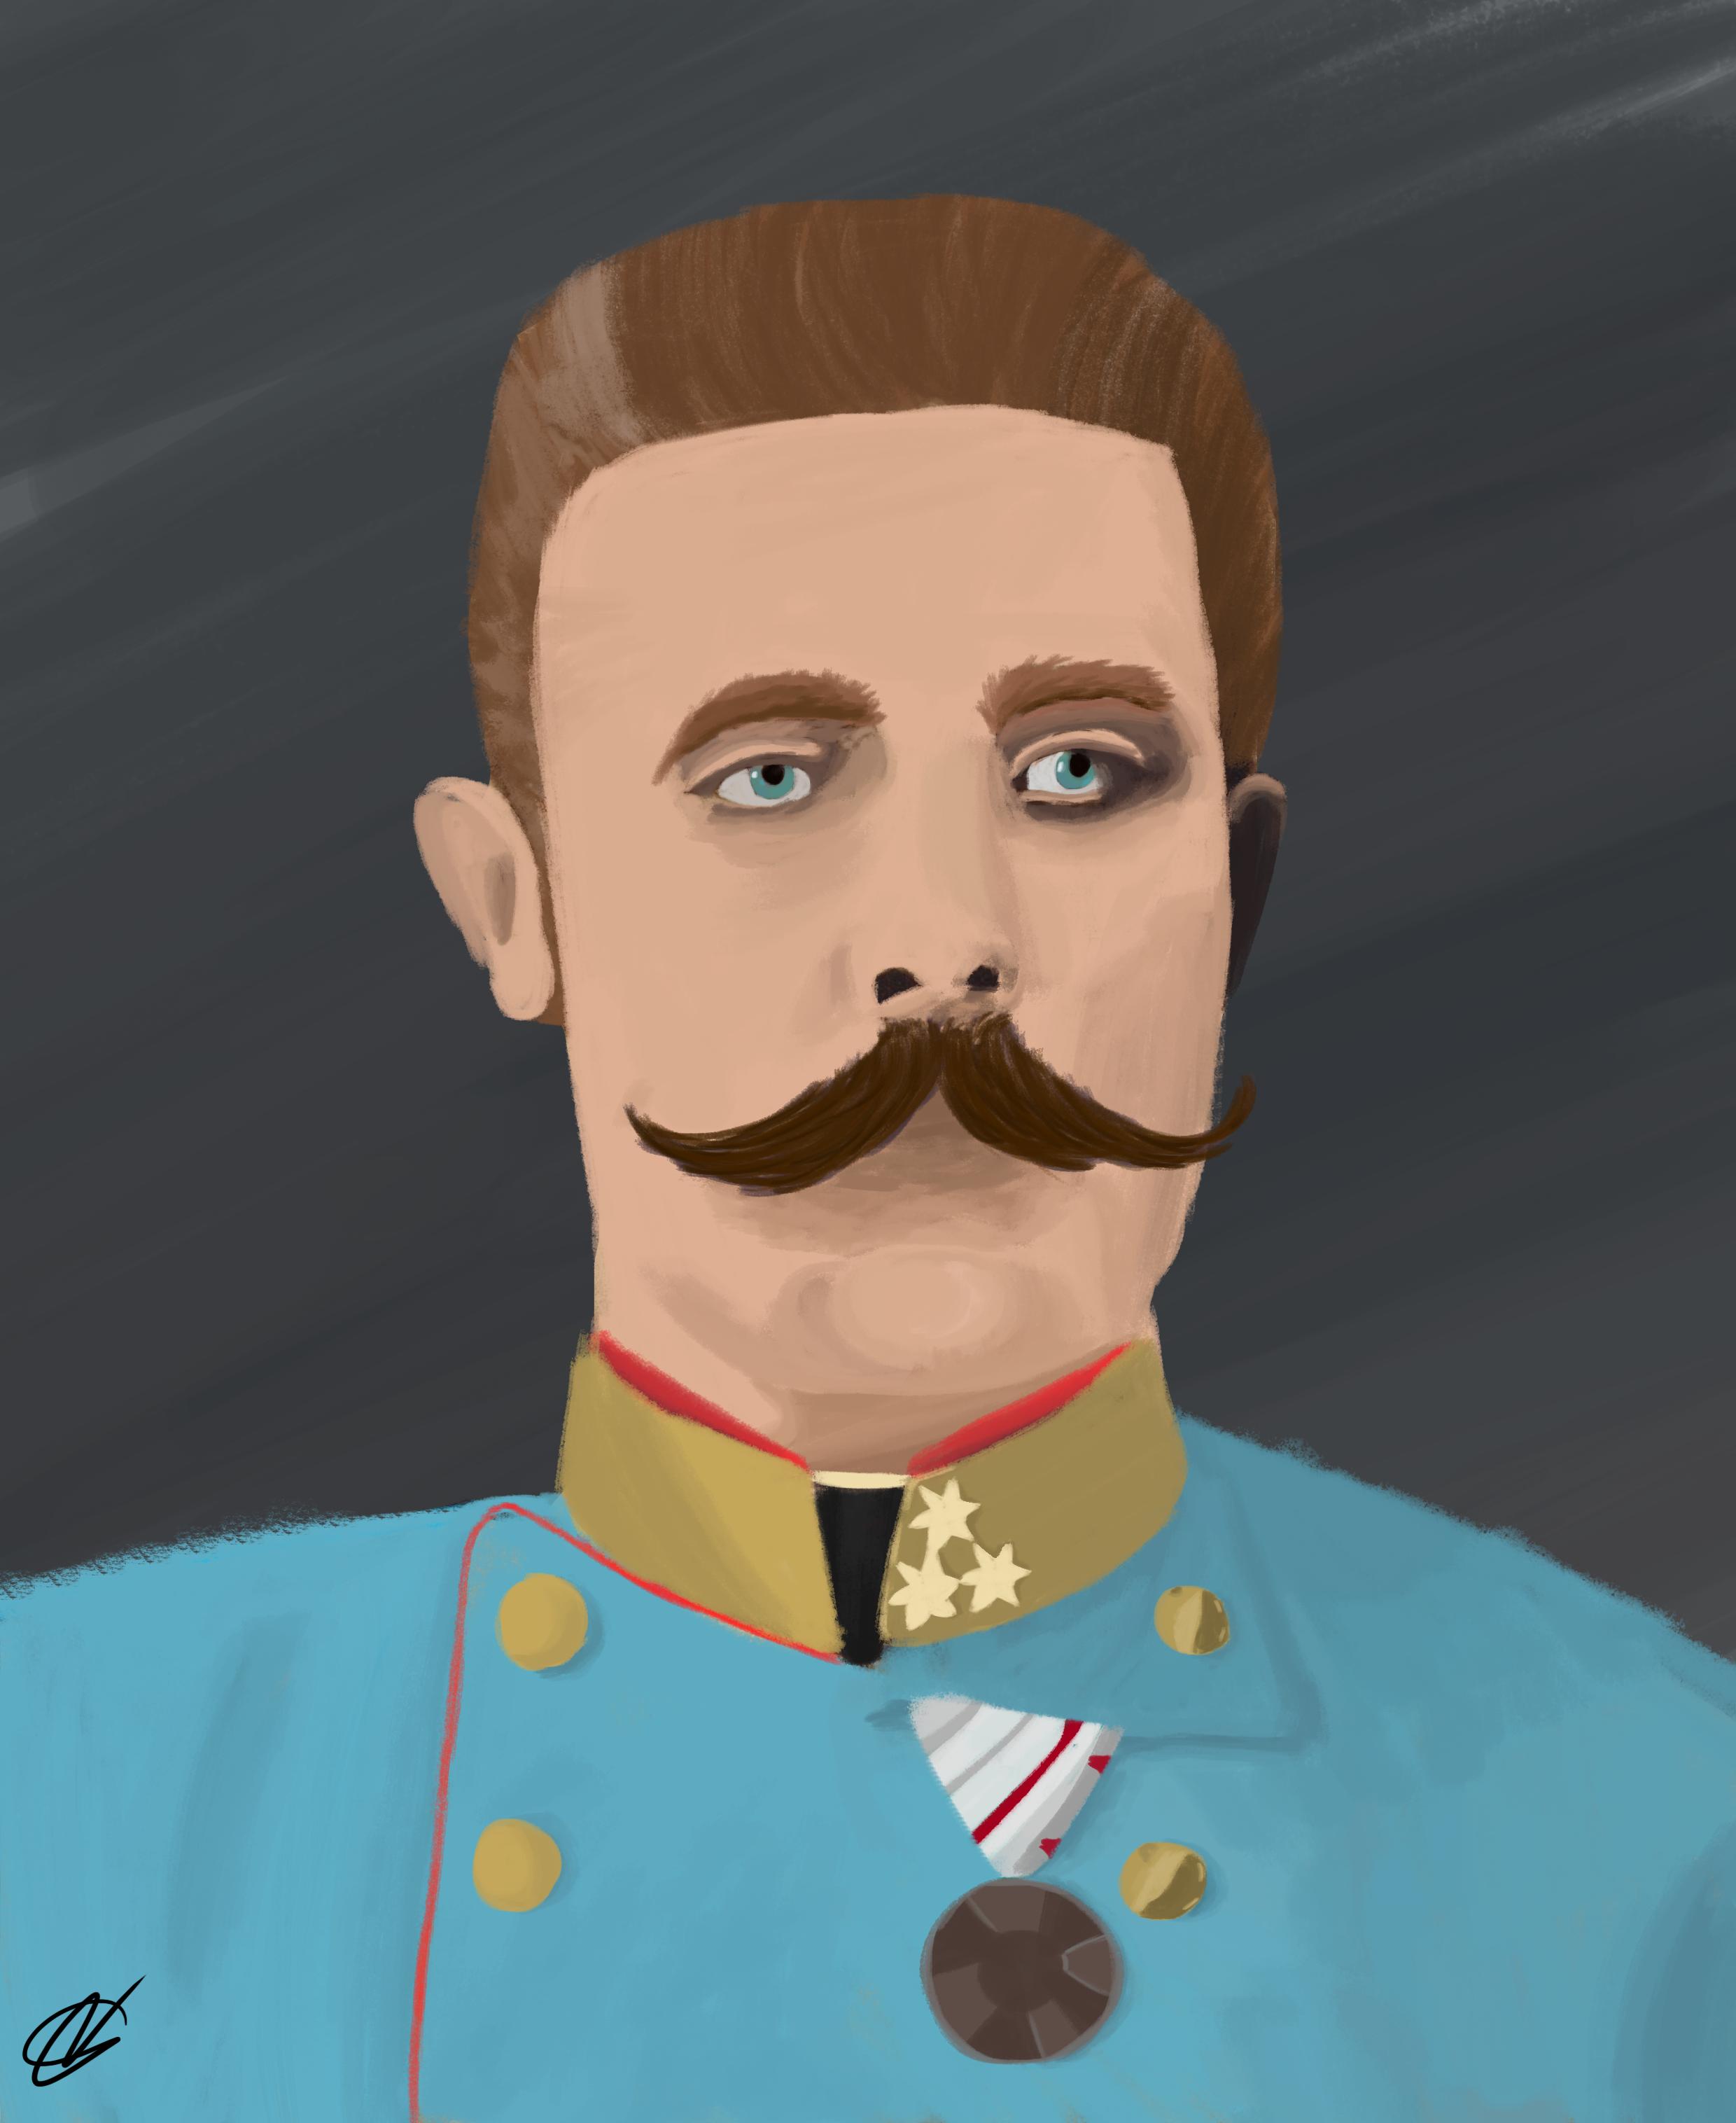 Franz Ferdinan remade